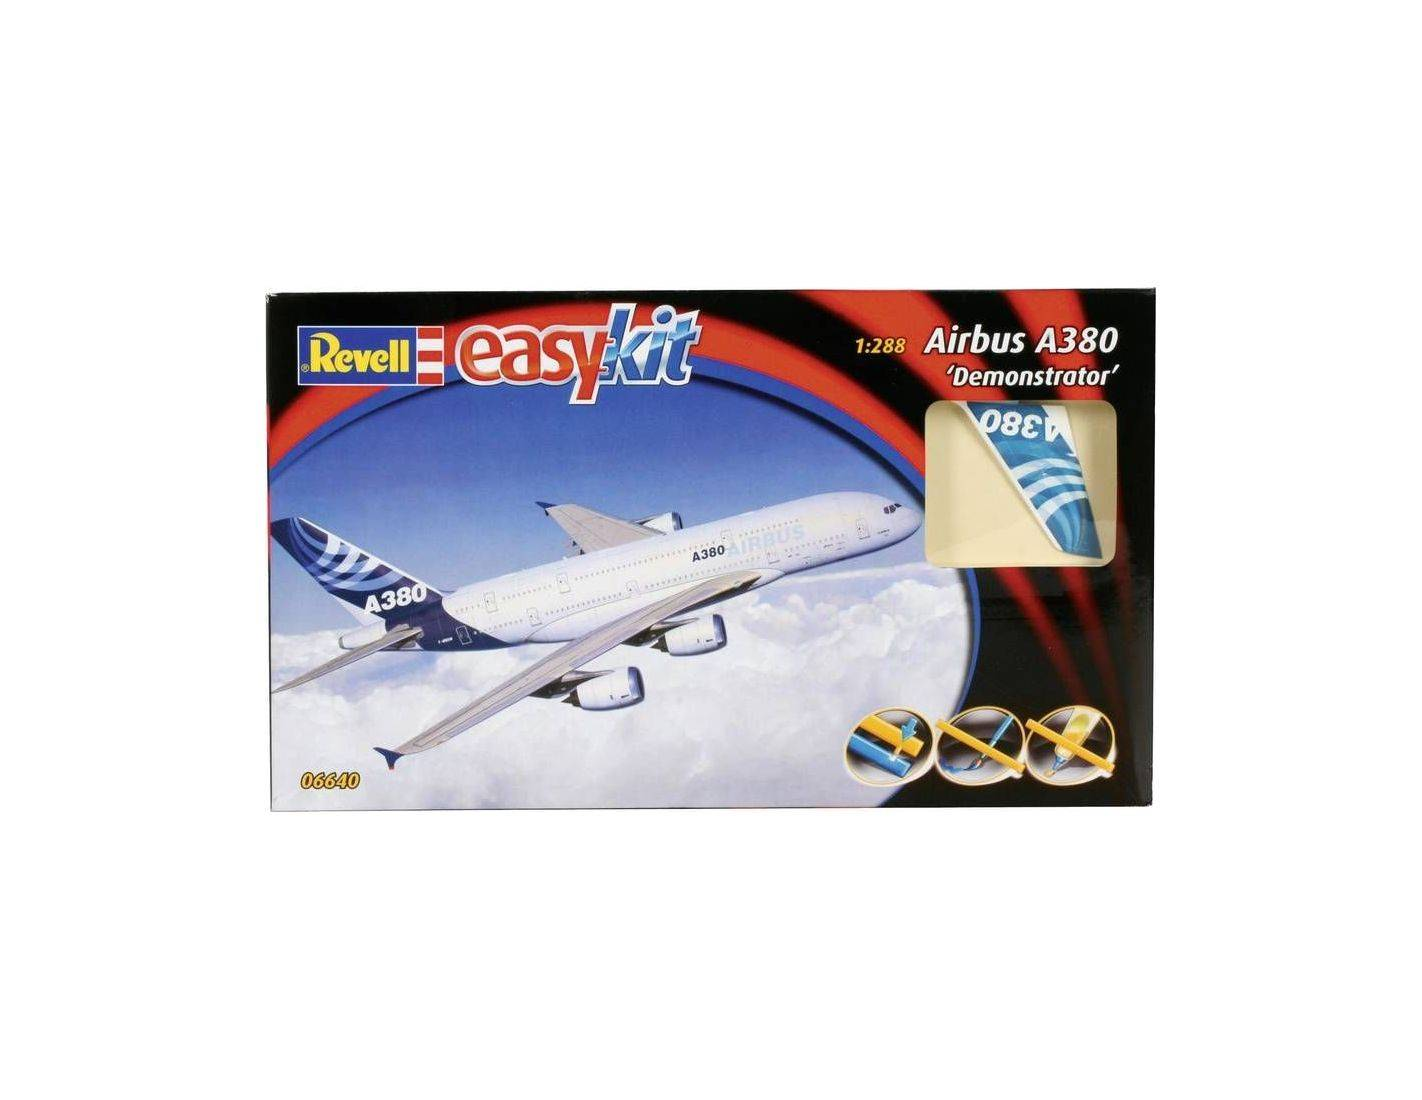 Revell 6640 AIRBUS A 380 DEMONSTRATOR KIT 1:288 Modellino